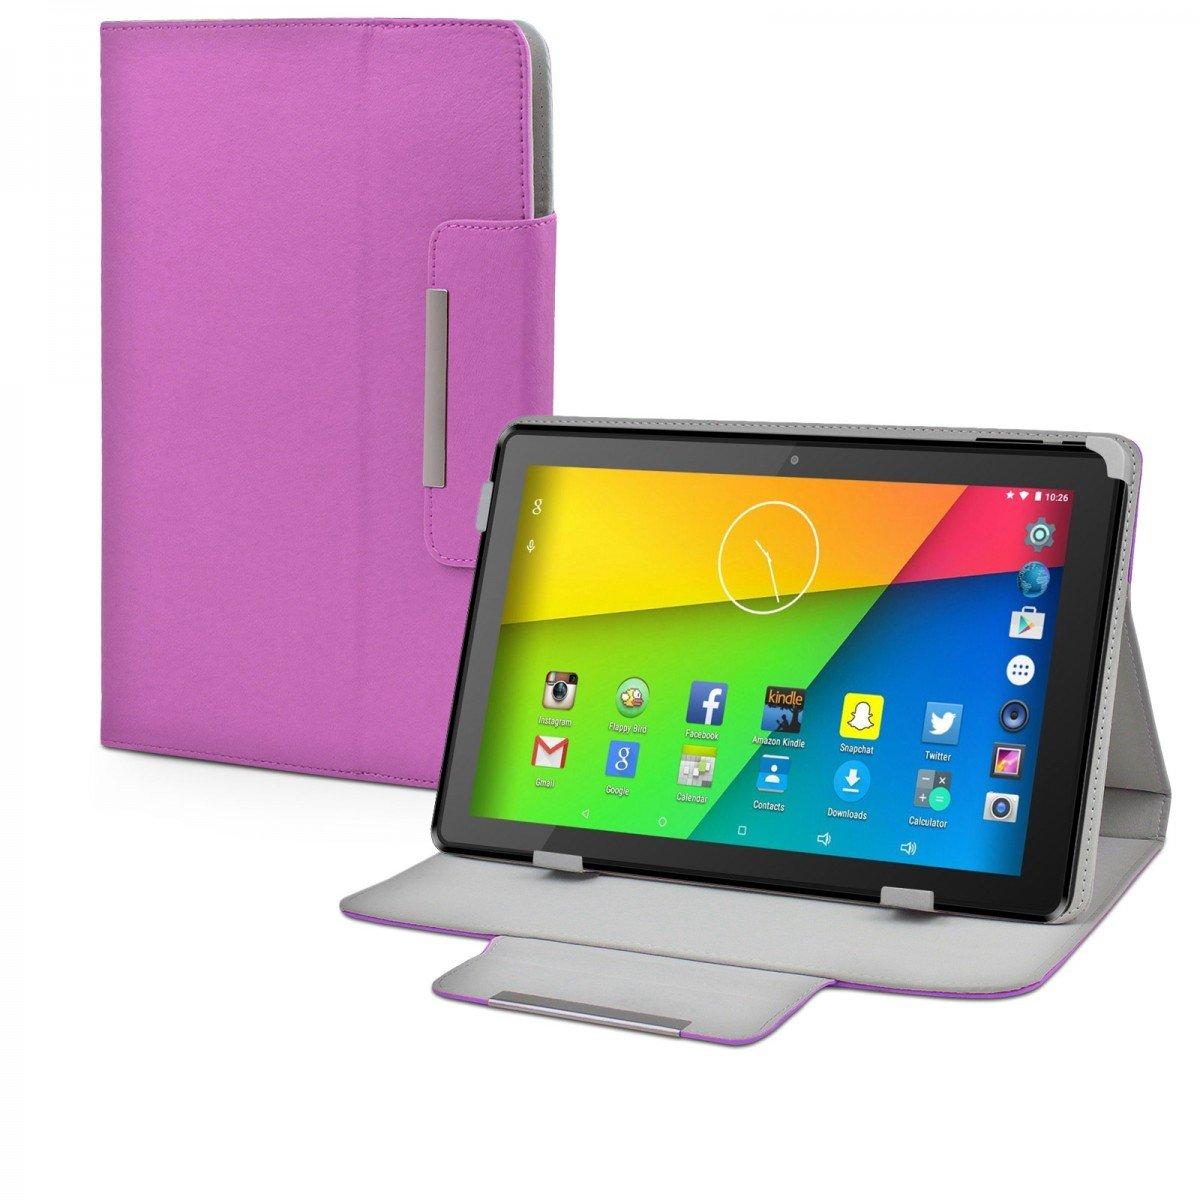 eFabrik móvil para Time2 - tc1050g (10,1)  Funda Case Cover Funda Sleeve de imitación de Piel Color Lila: Amazon.es: Electrónica